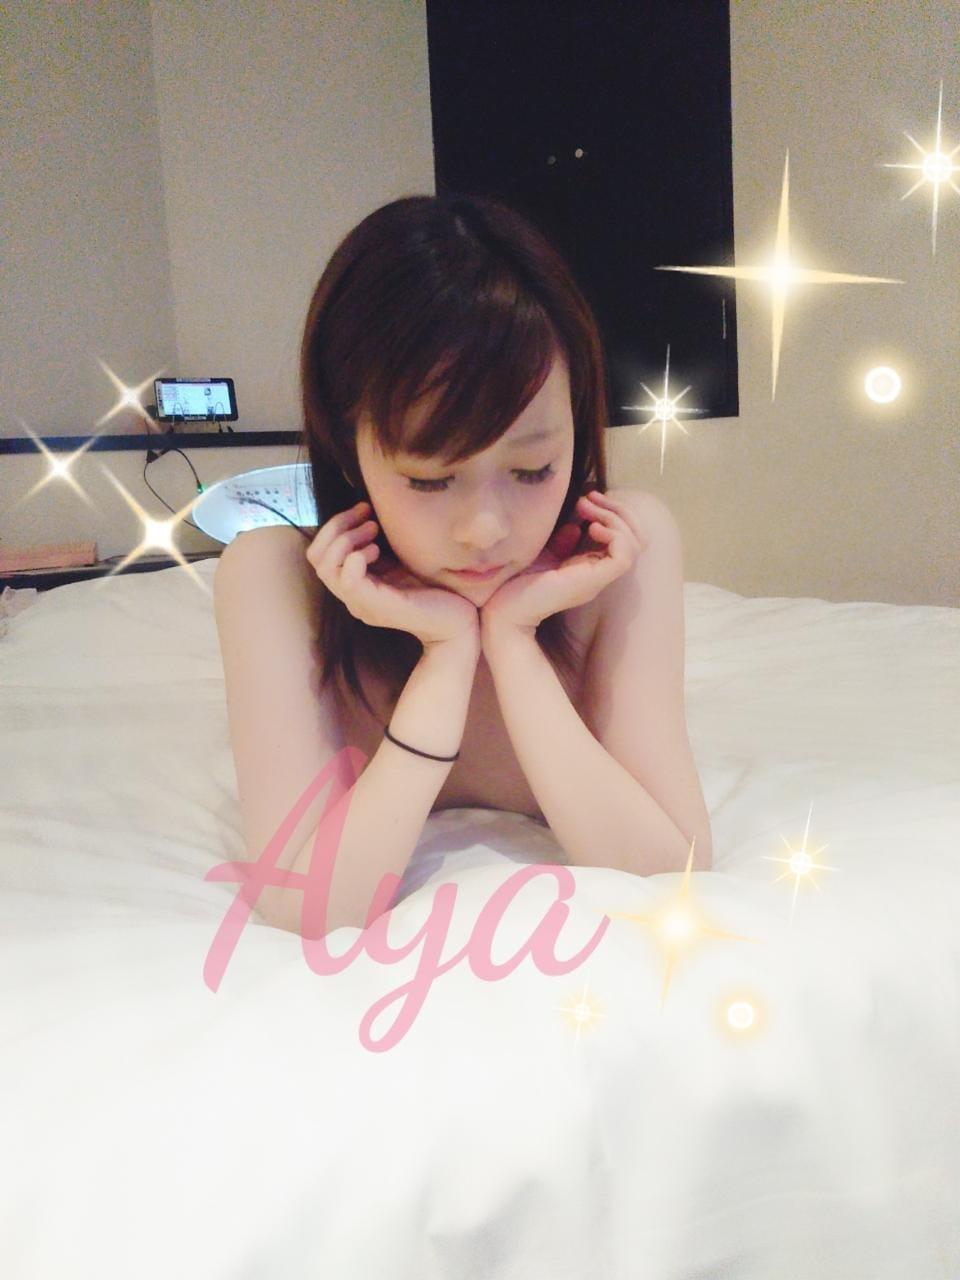 「向かってますよ〜(*´∀`)」01/20(01/20) 17:40   あや☆キレカワお姉さまの写メ・風俗動画